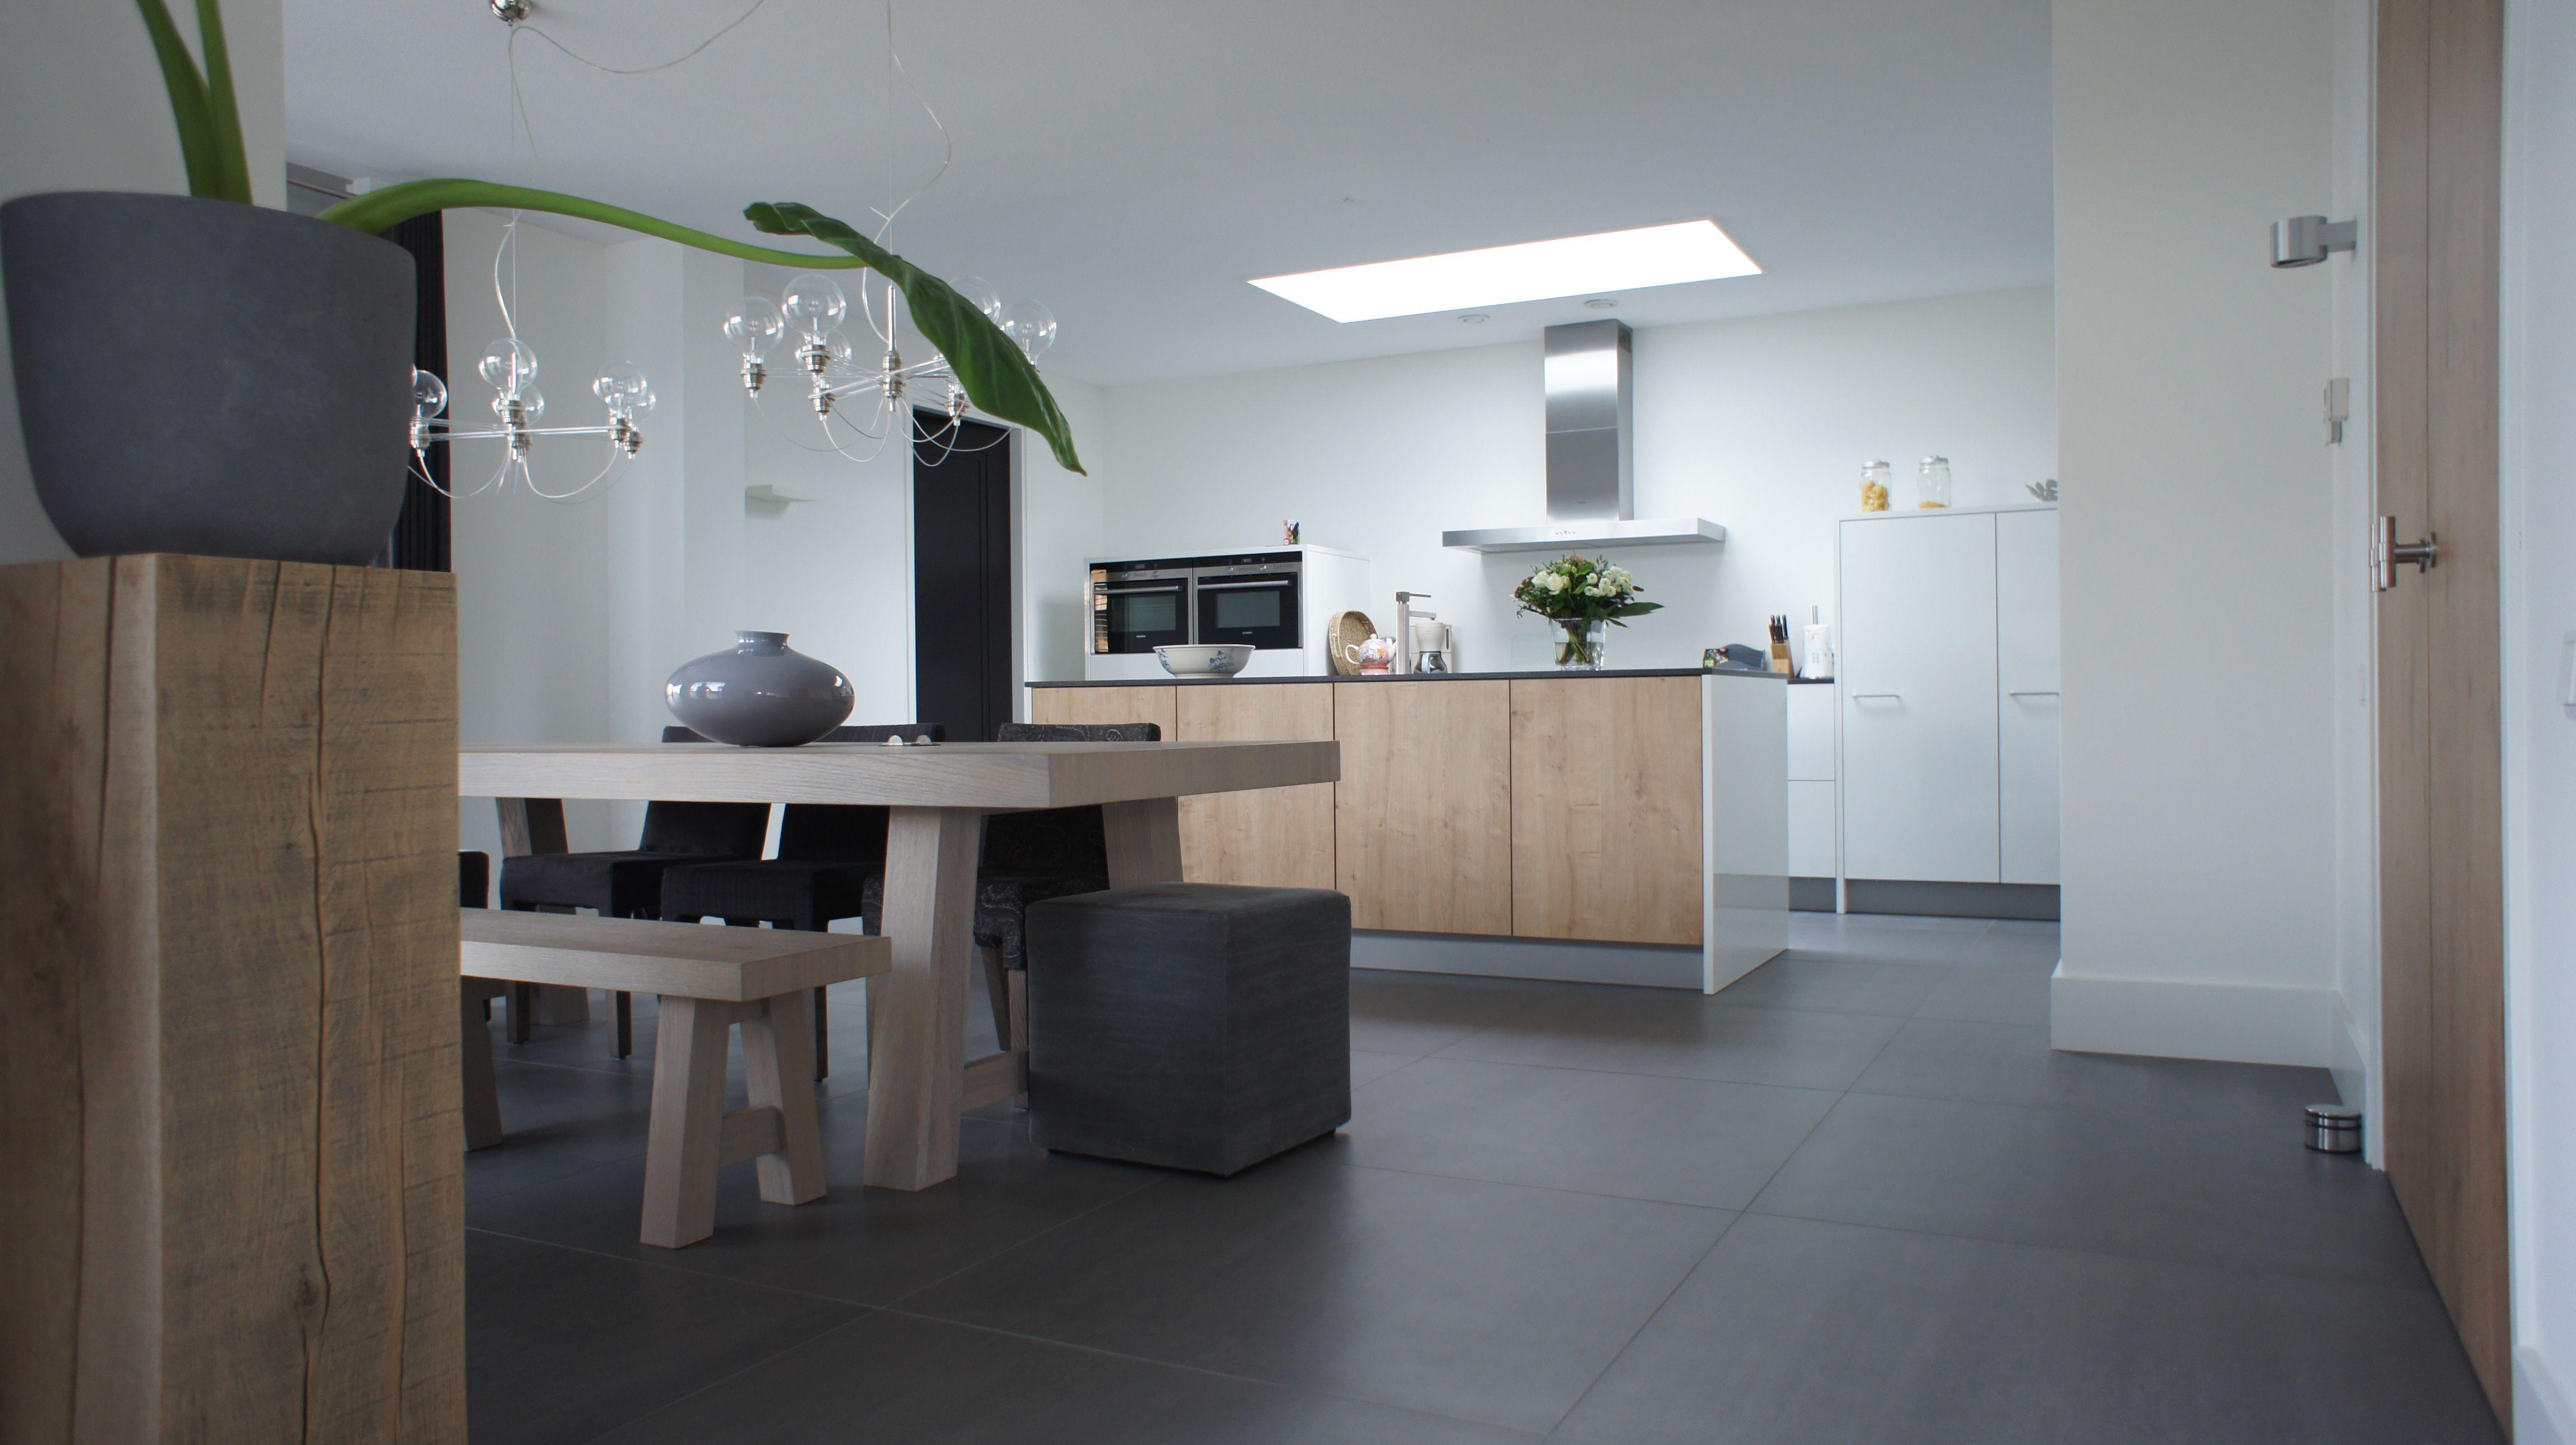 Tegelvloer betonlook antraciet 100 x 100 cm keuken totaal project tegelvloer betonlook - Keuken back bar ...